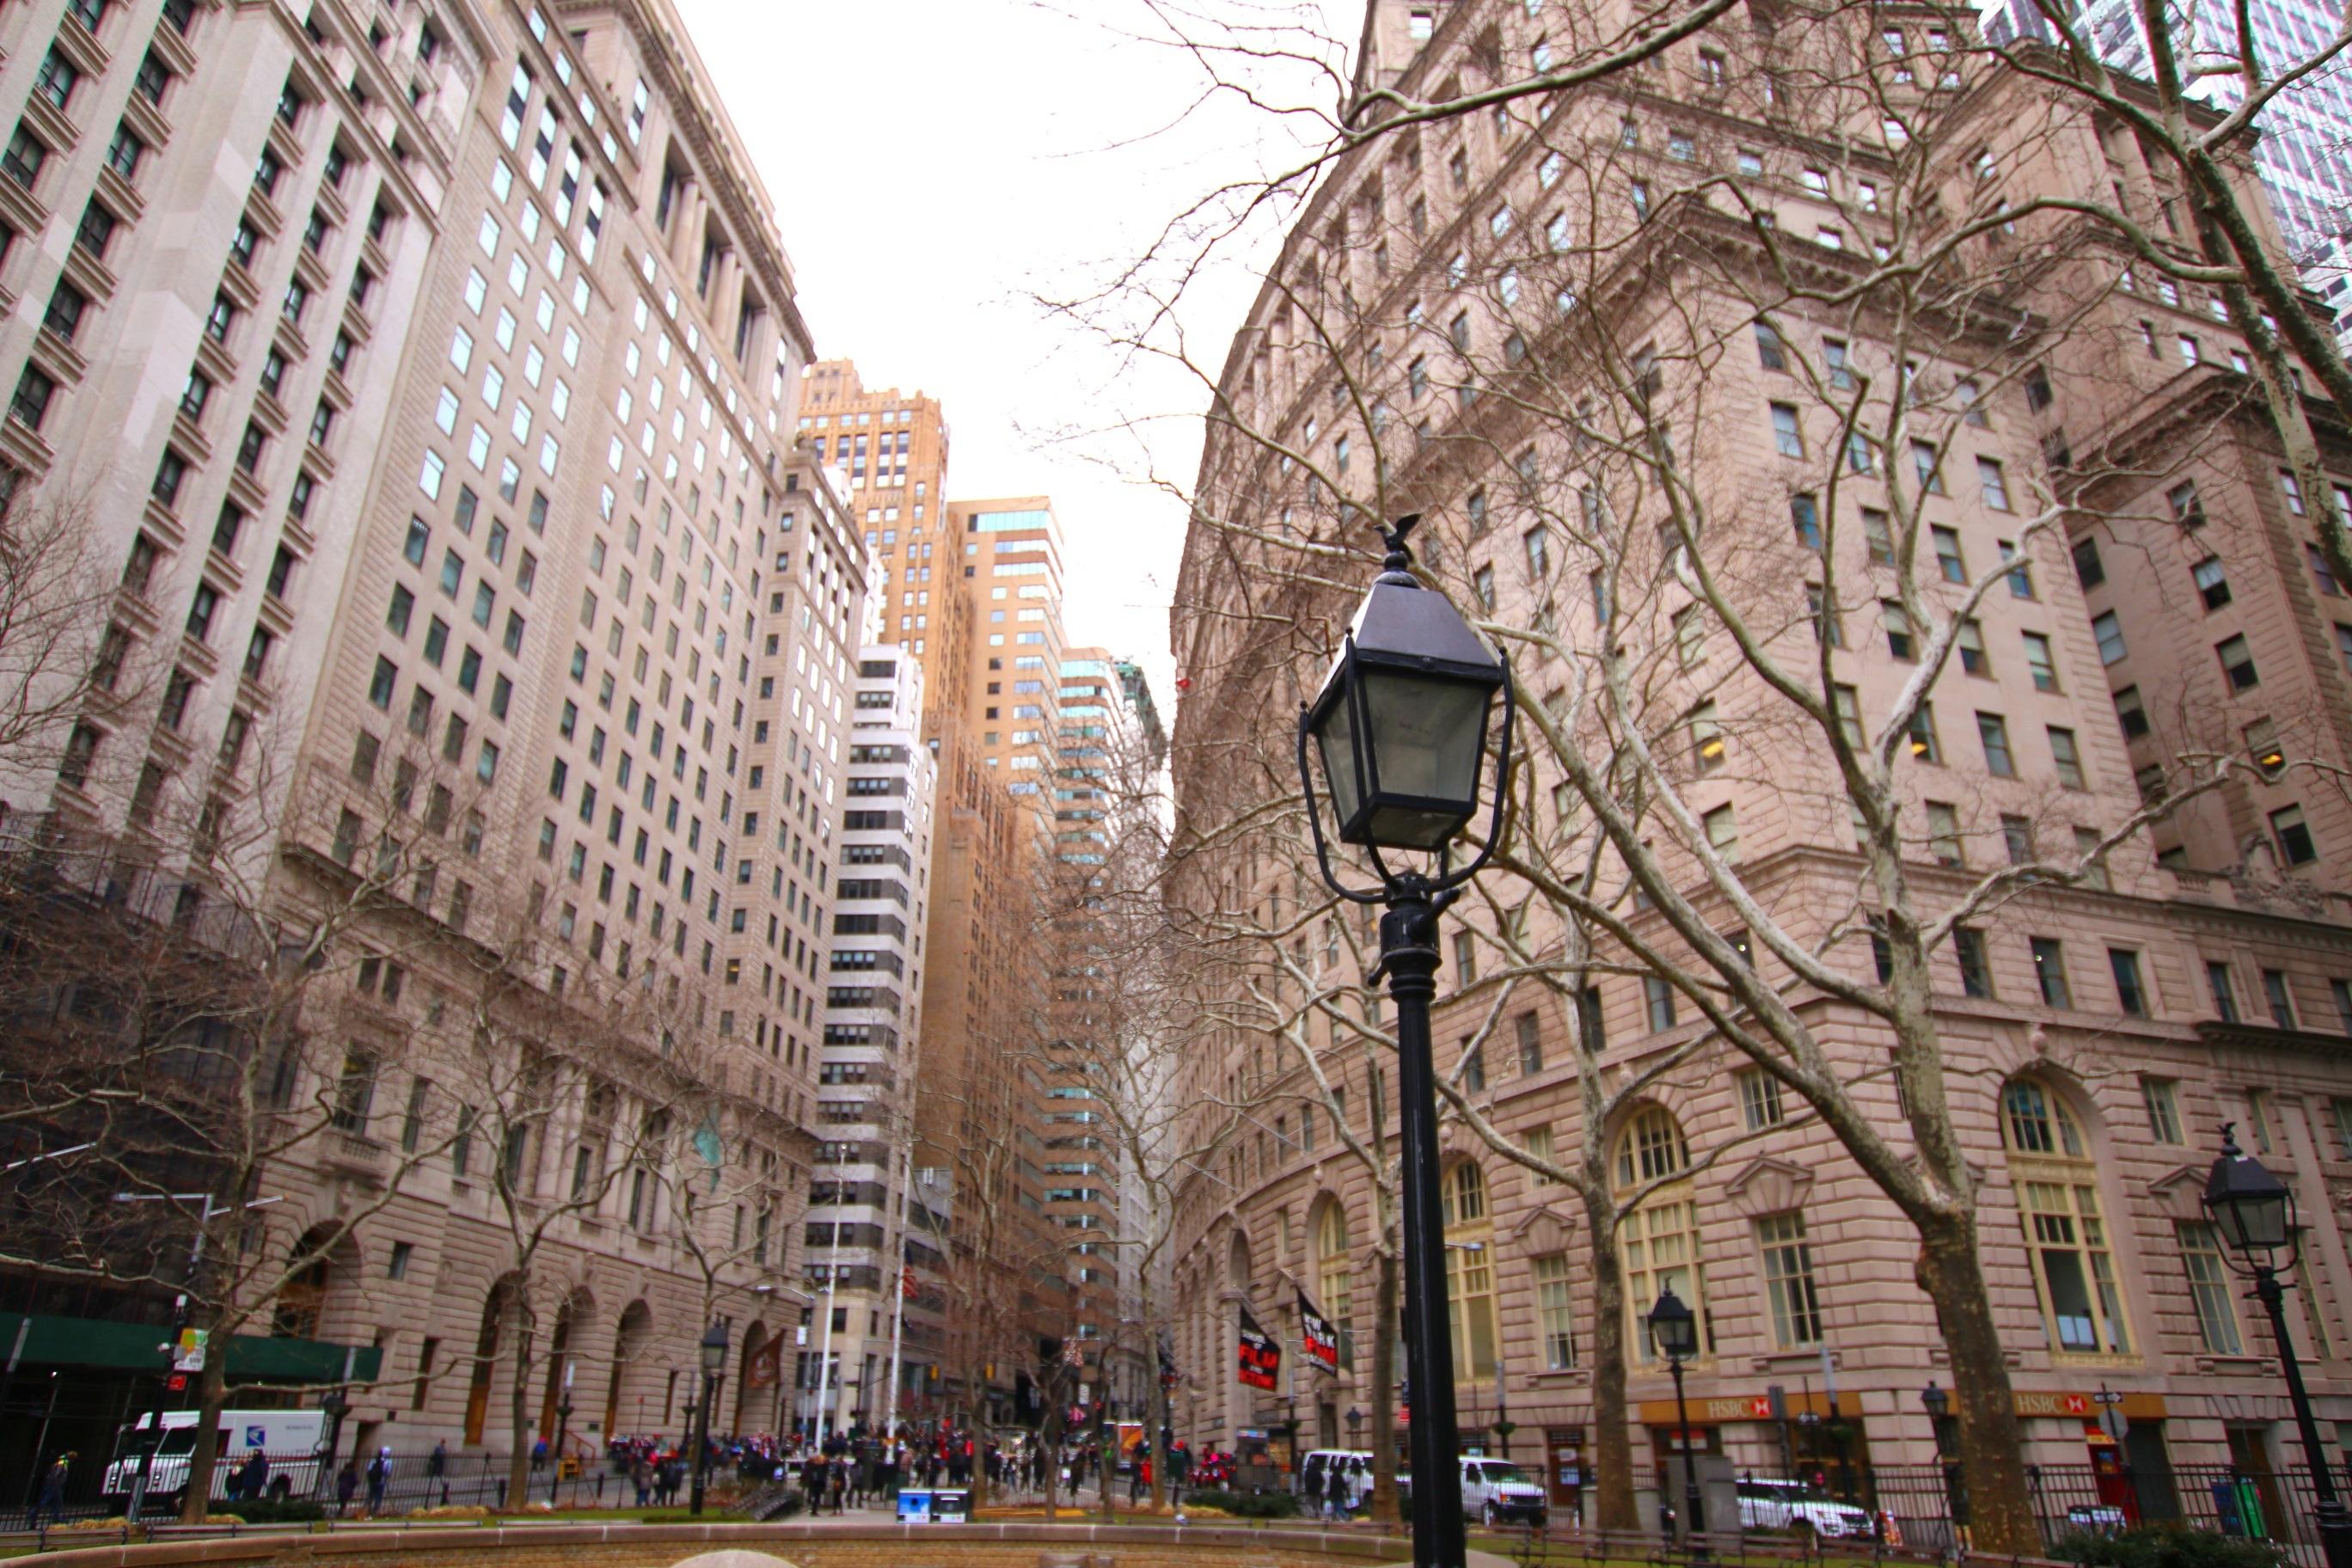 ニューヨーク旅行#3 ウォール街/ニューヨーク証券取引所 ...